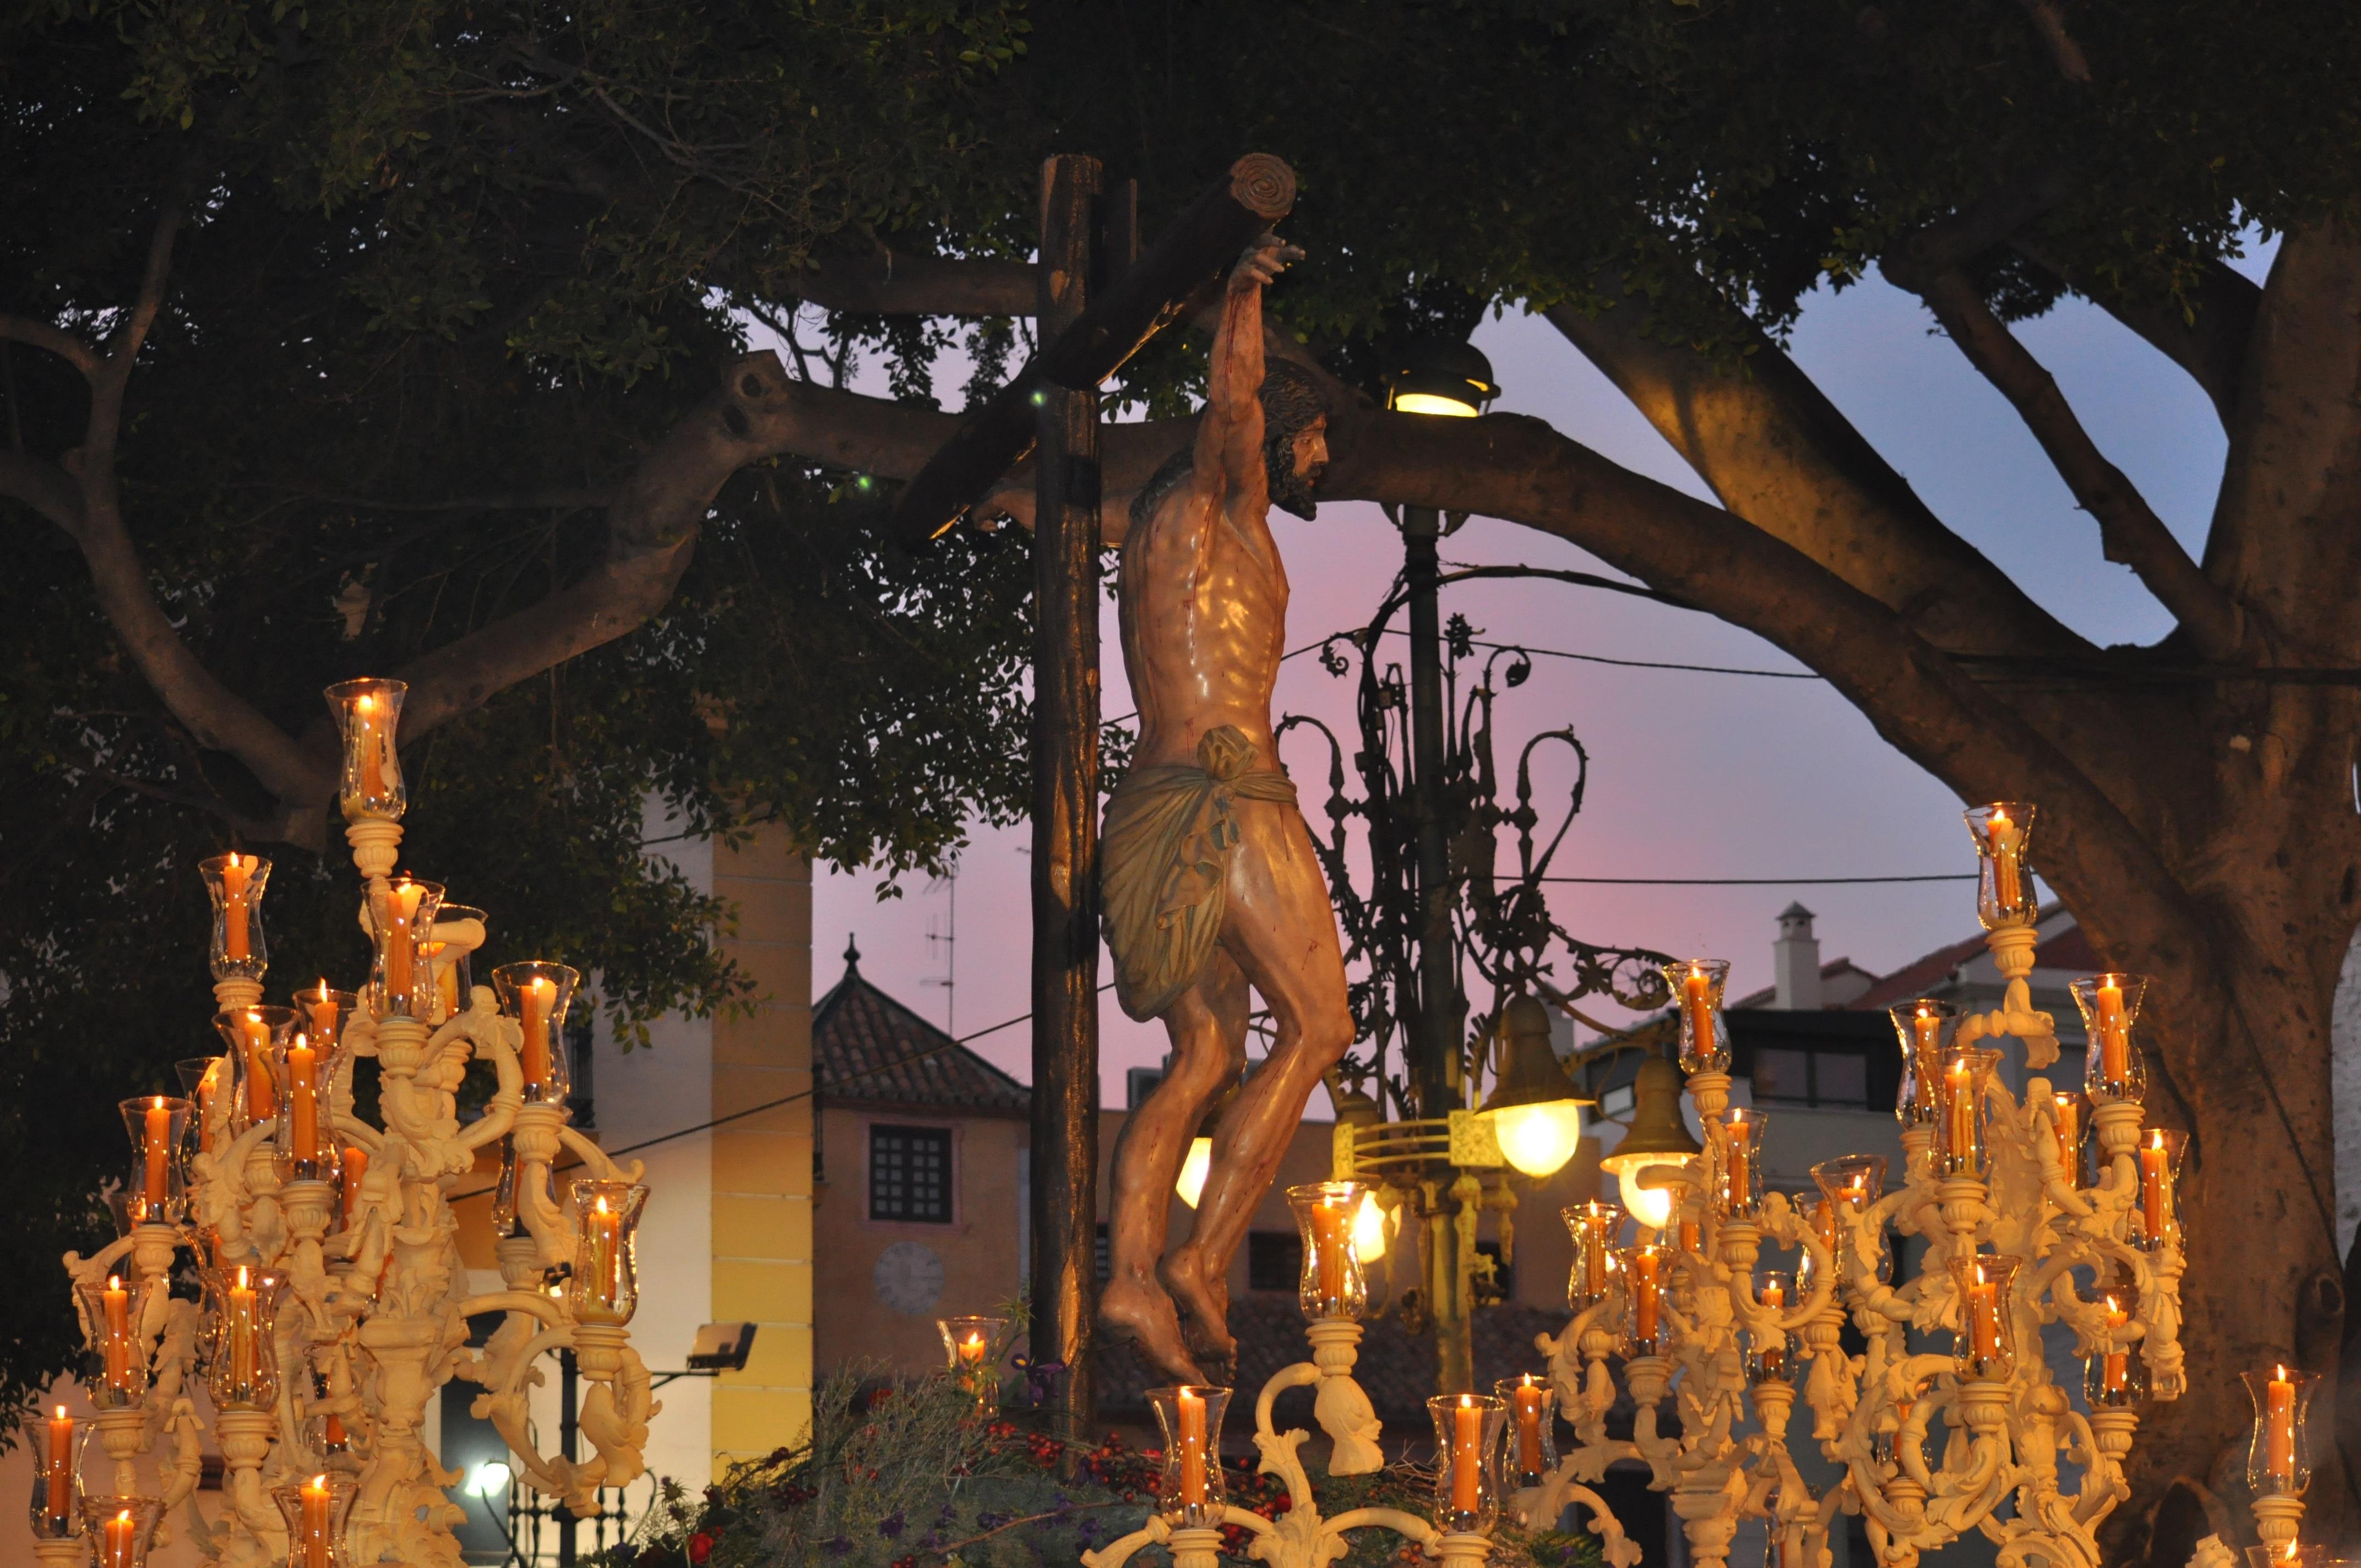 Images Gratuites Arbre Nuit Fleur Soir L Automne Decoration